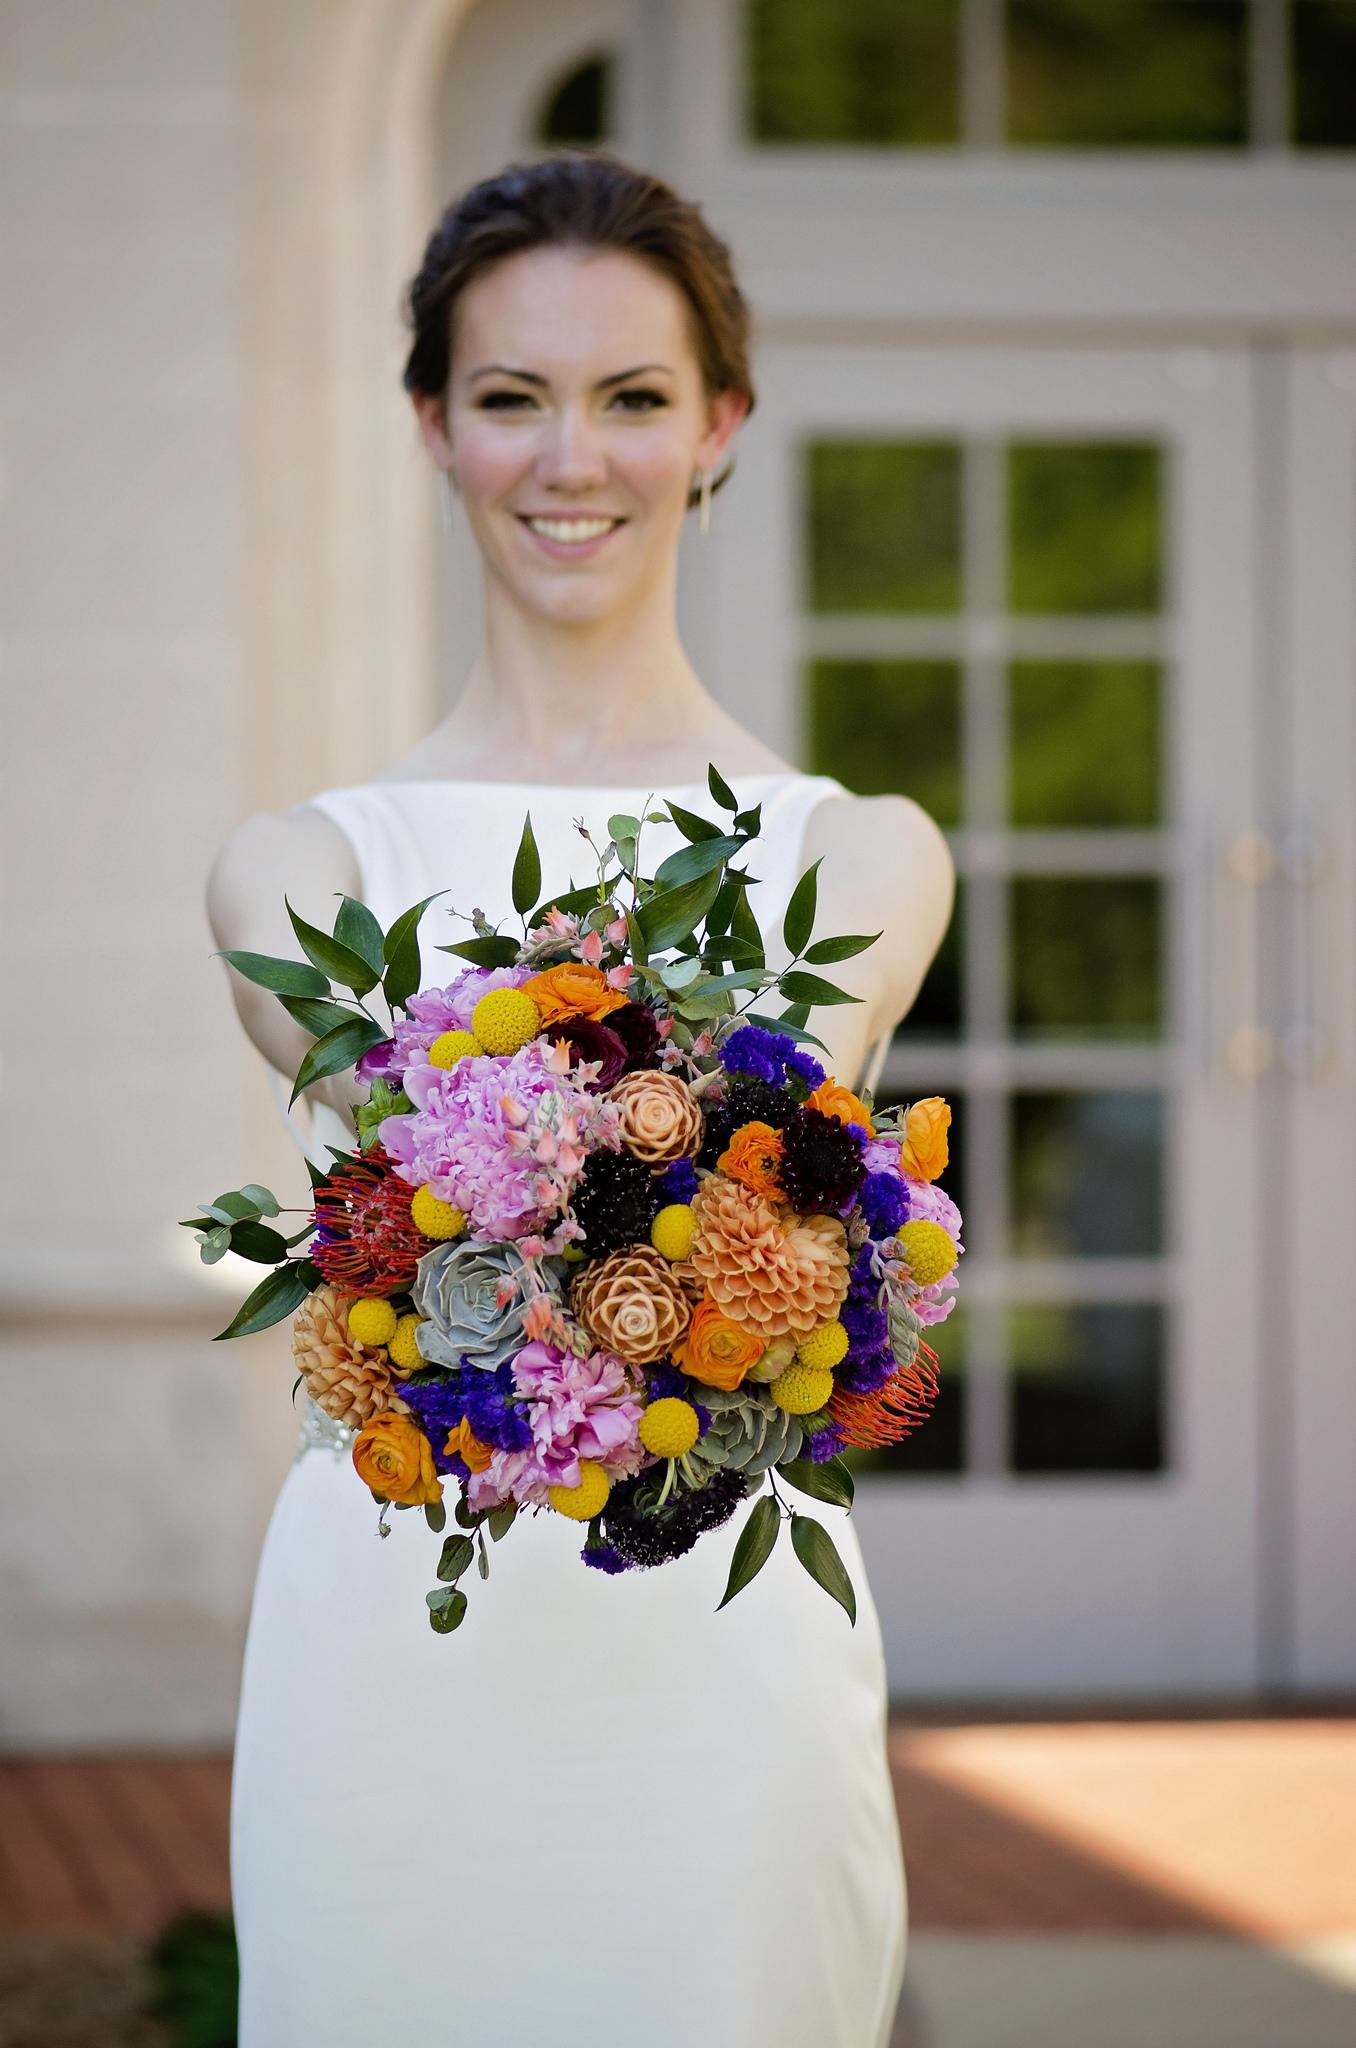 kristine_wedding_brides_spiritedtable_photo24.jpg